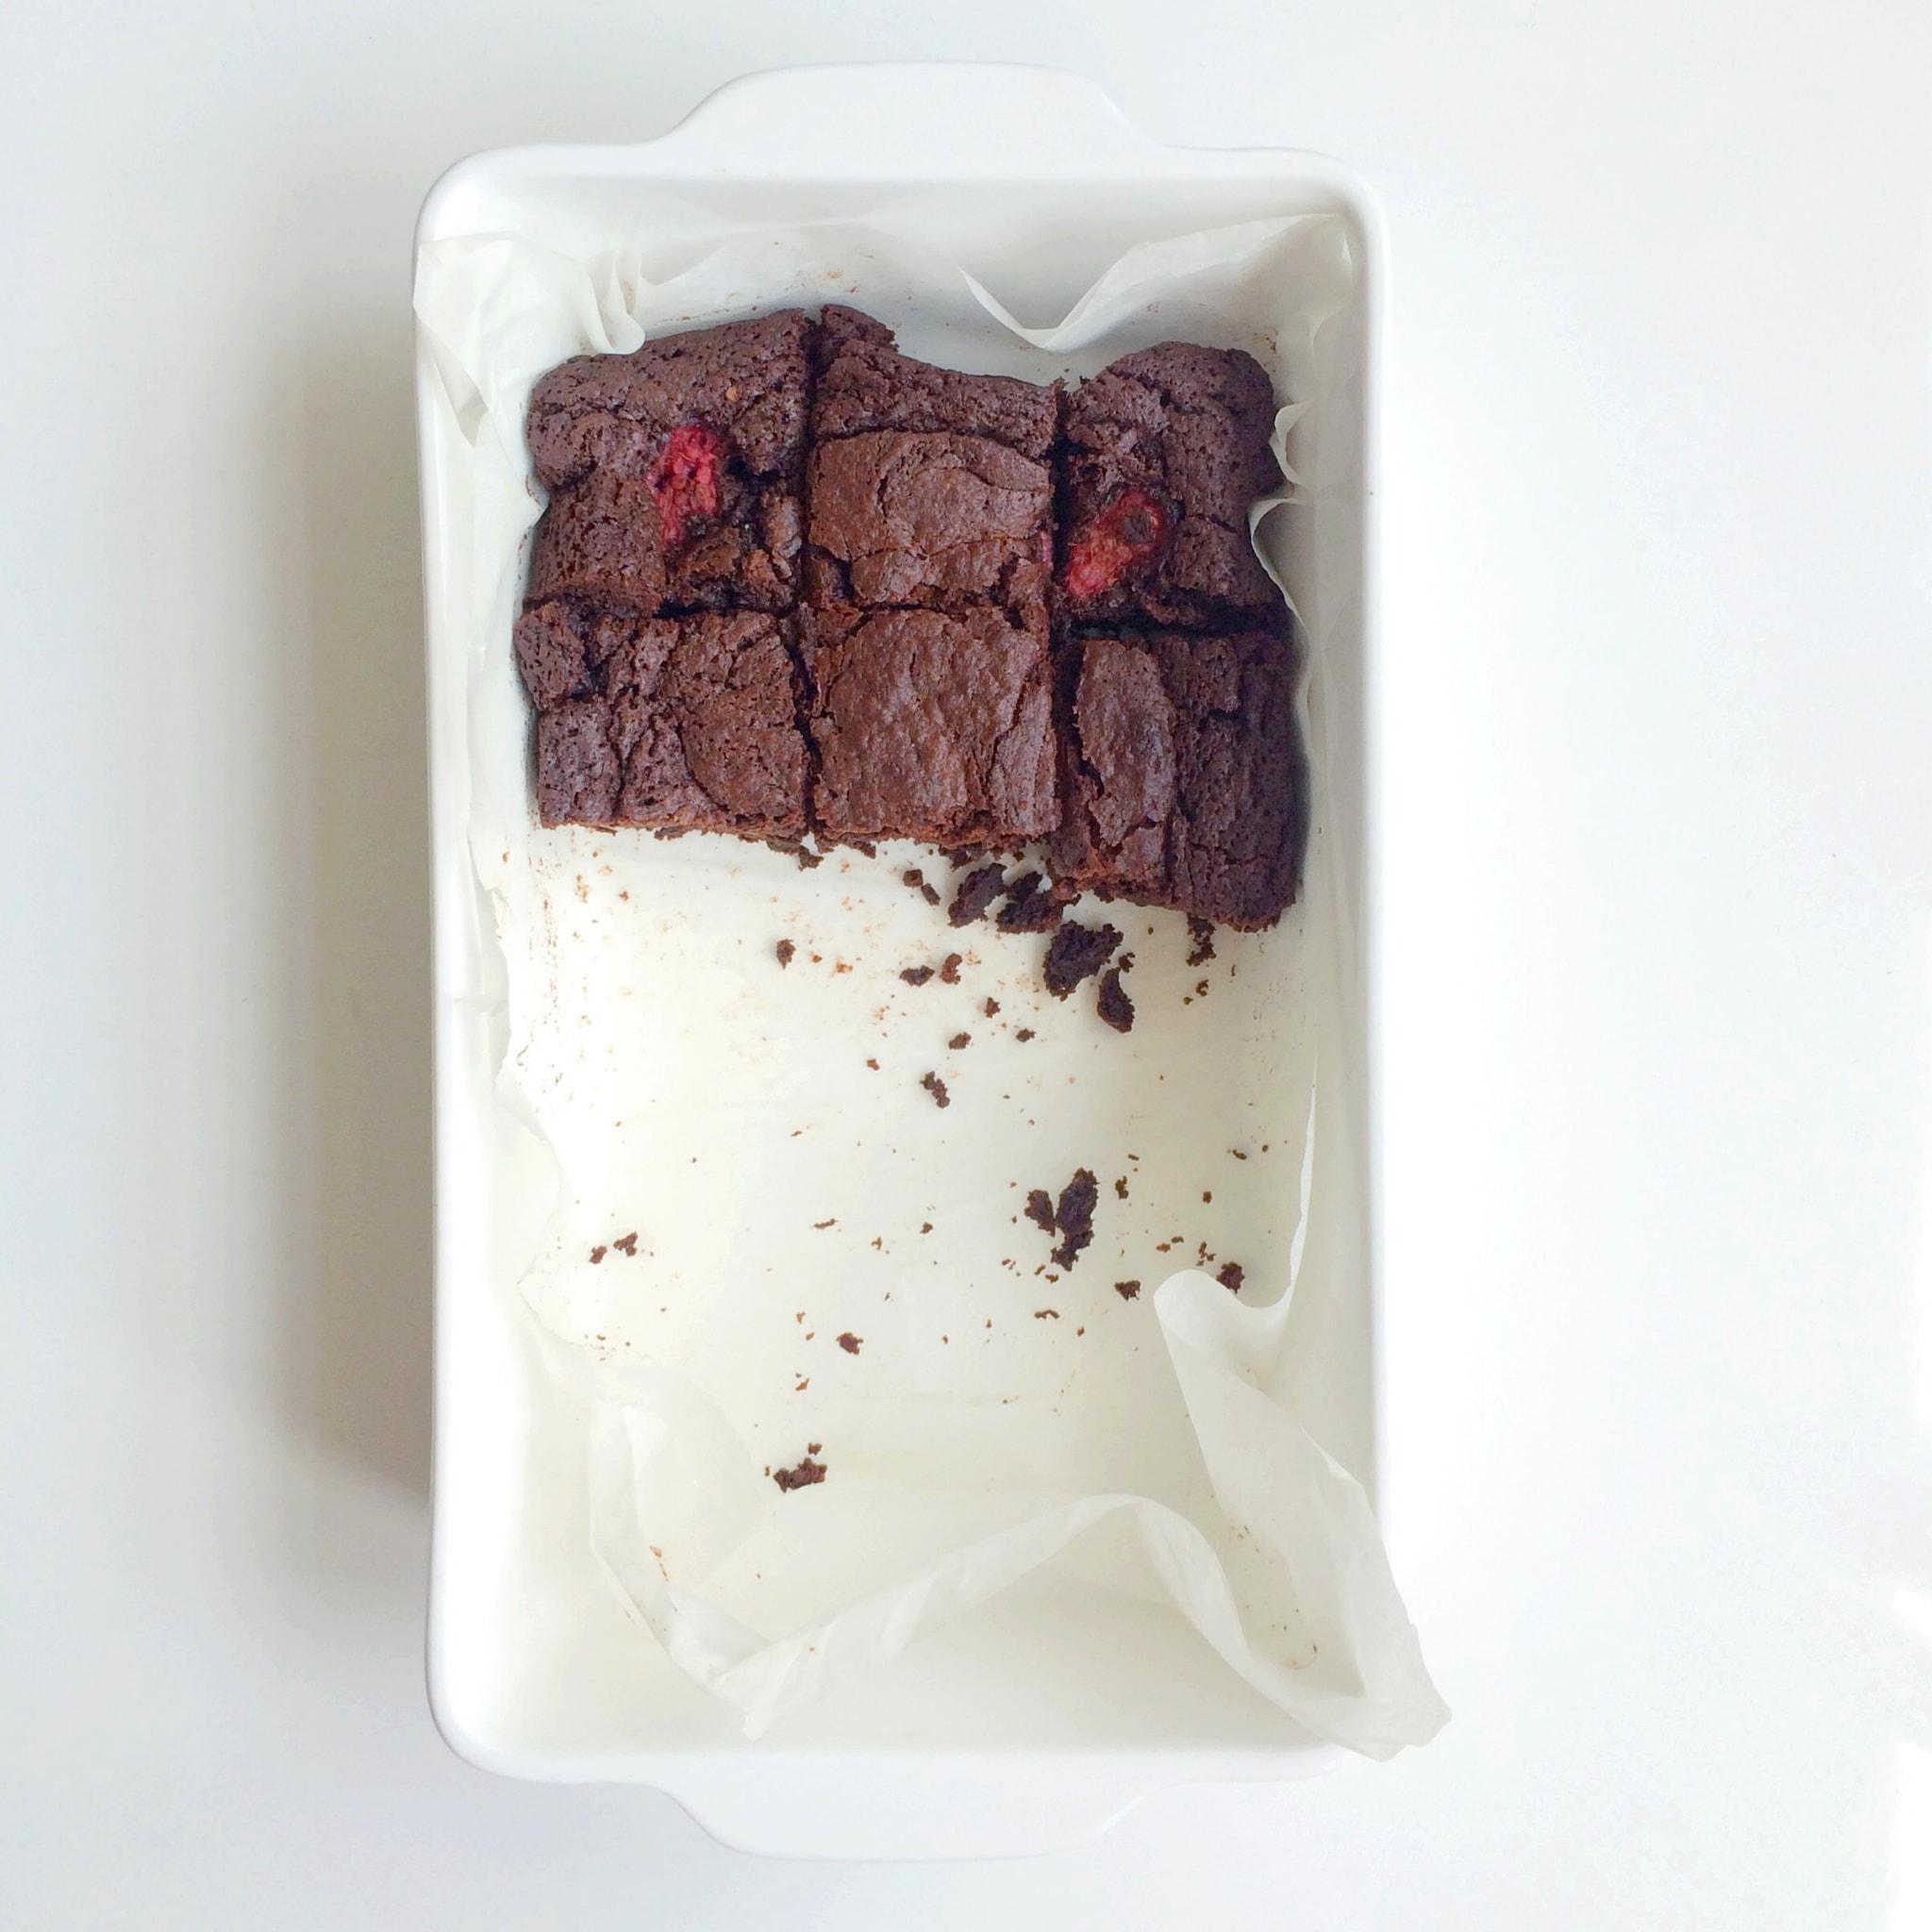 IMG 8923 - Chocolade brownies met frambozen